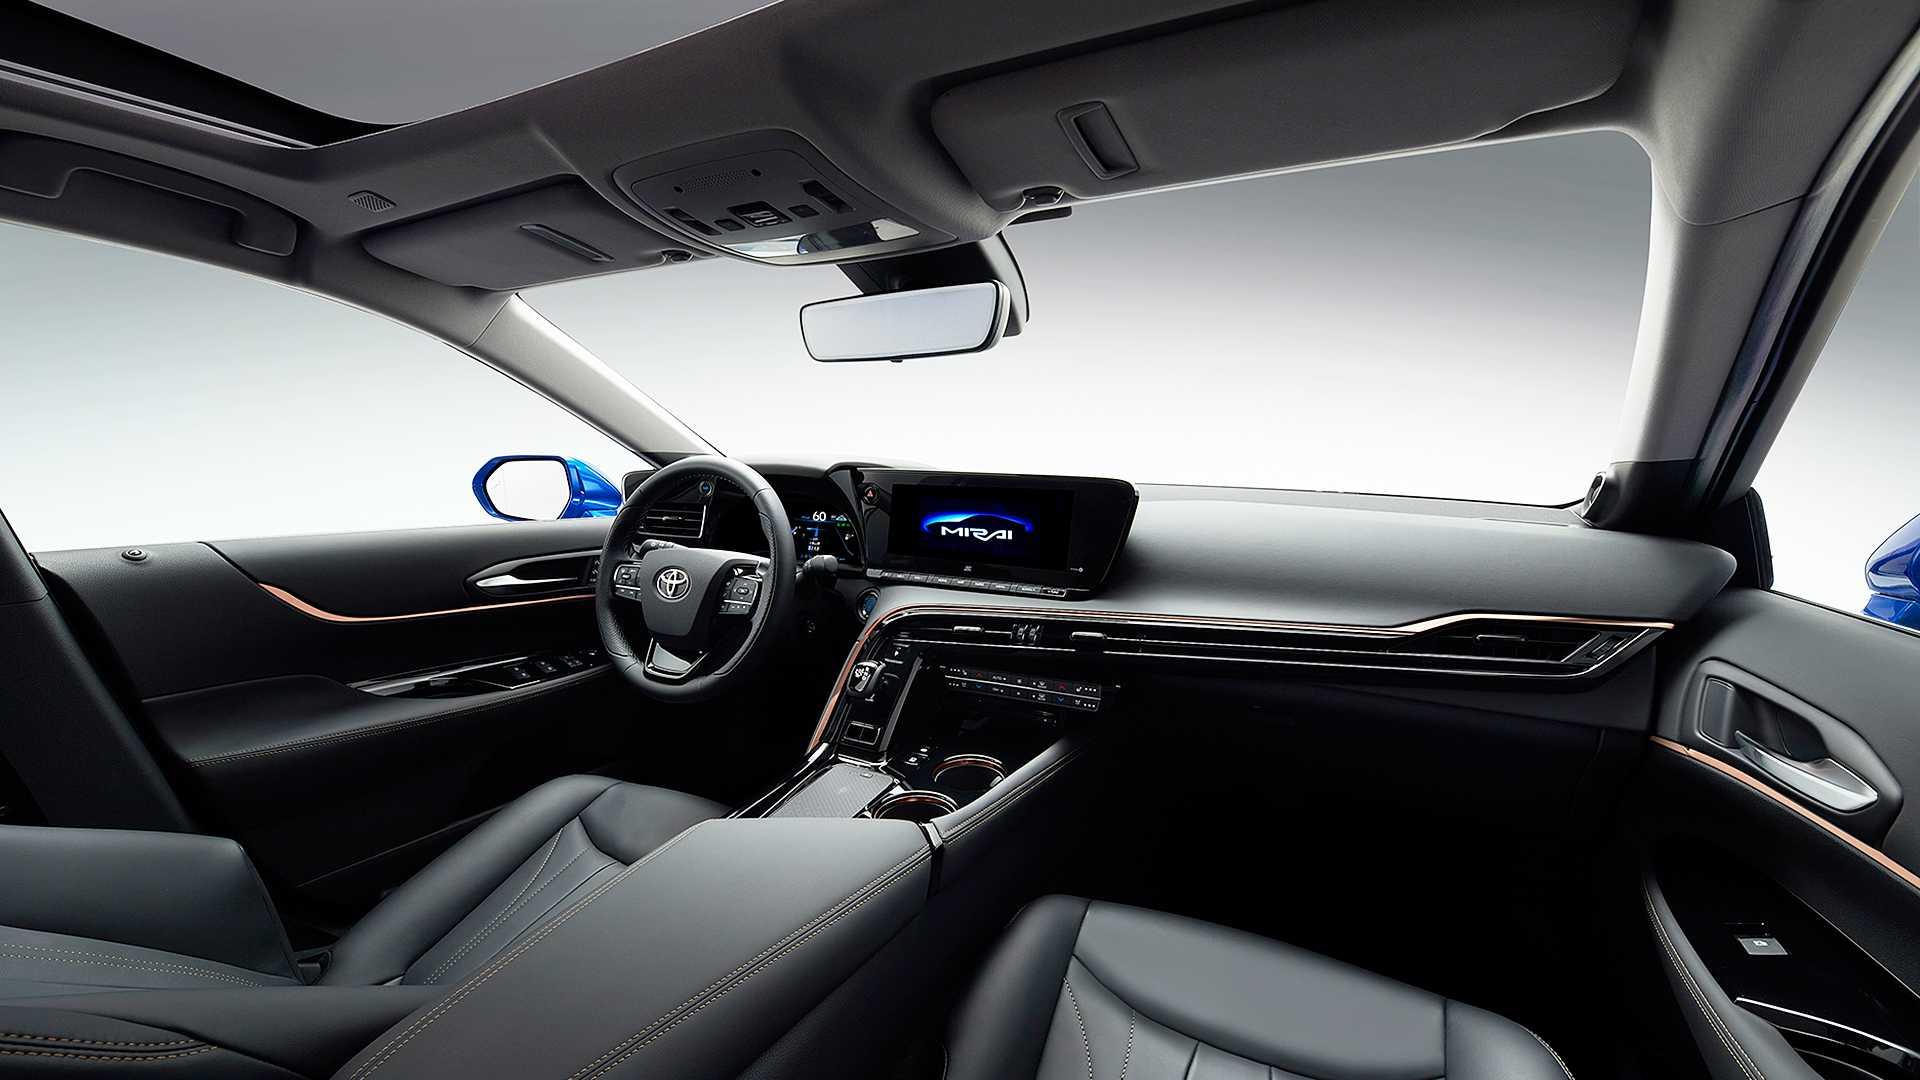 رونمایی از خودروی تویوتا Mirai با پلتفرمی جدید + تصاویر